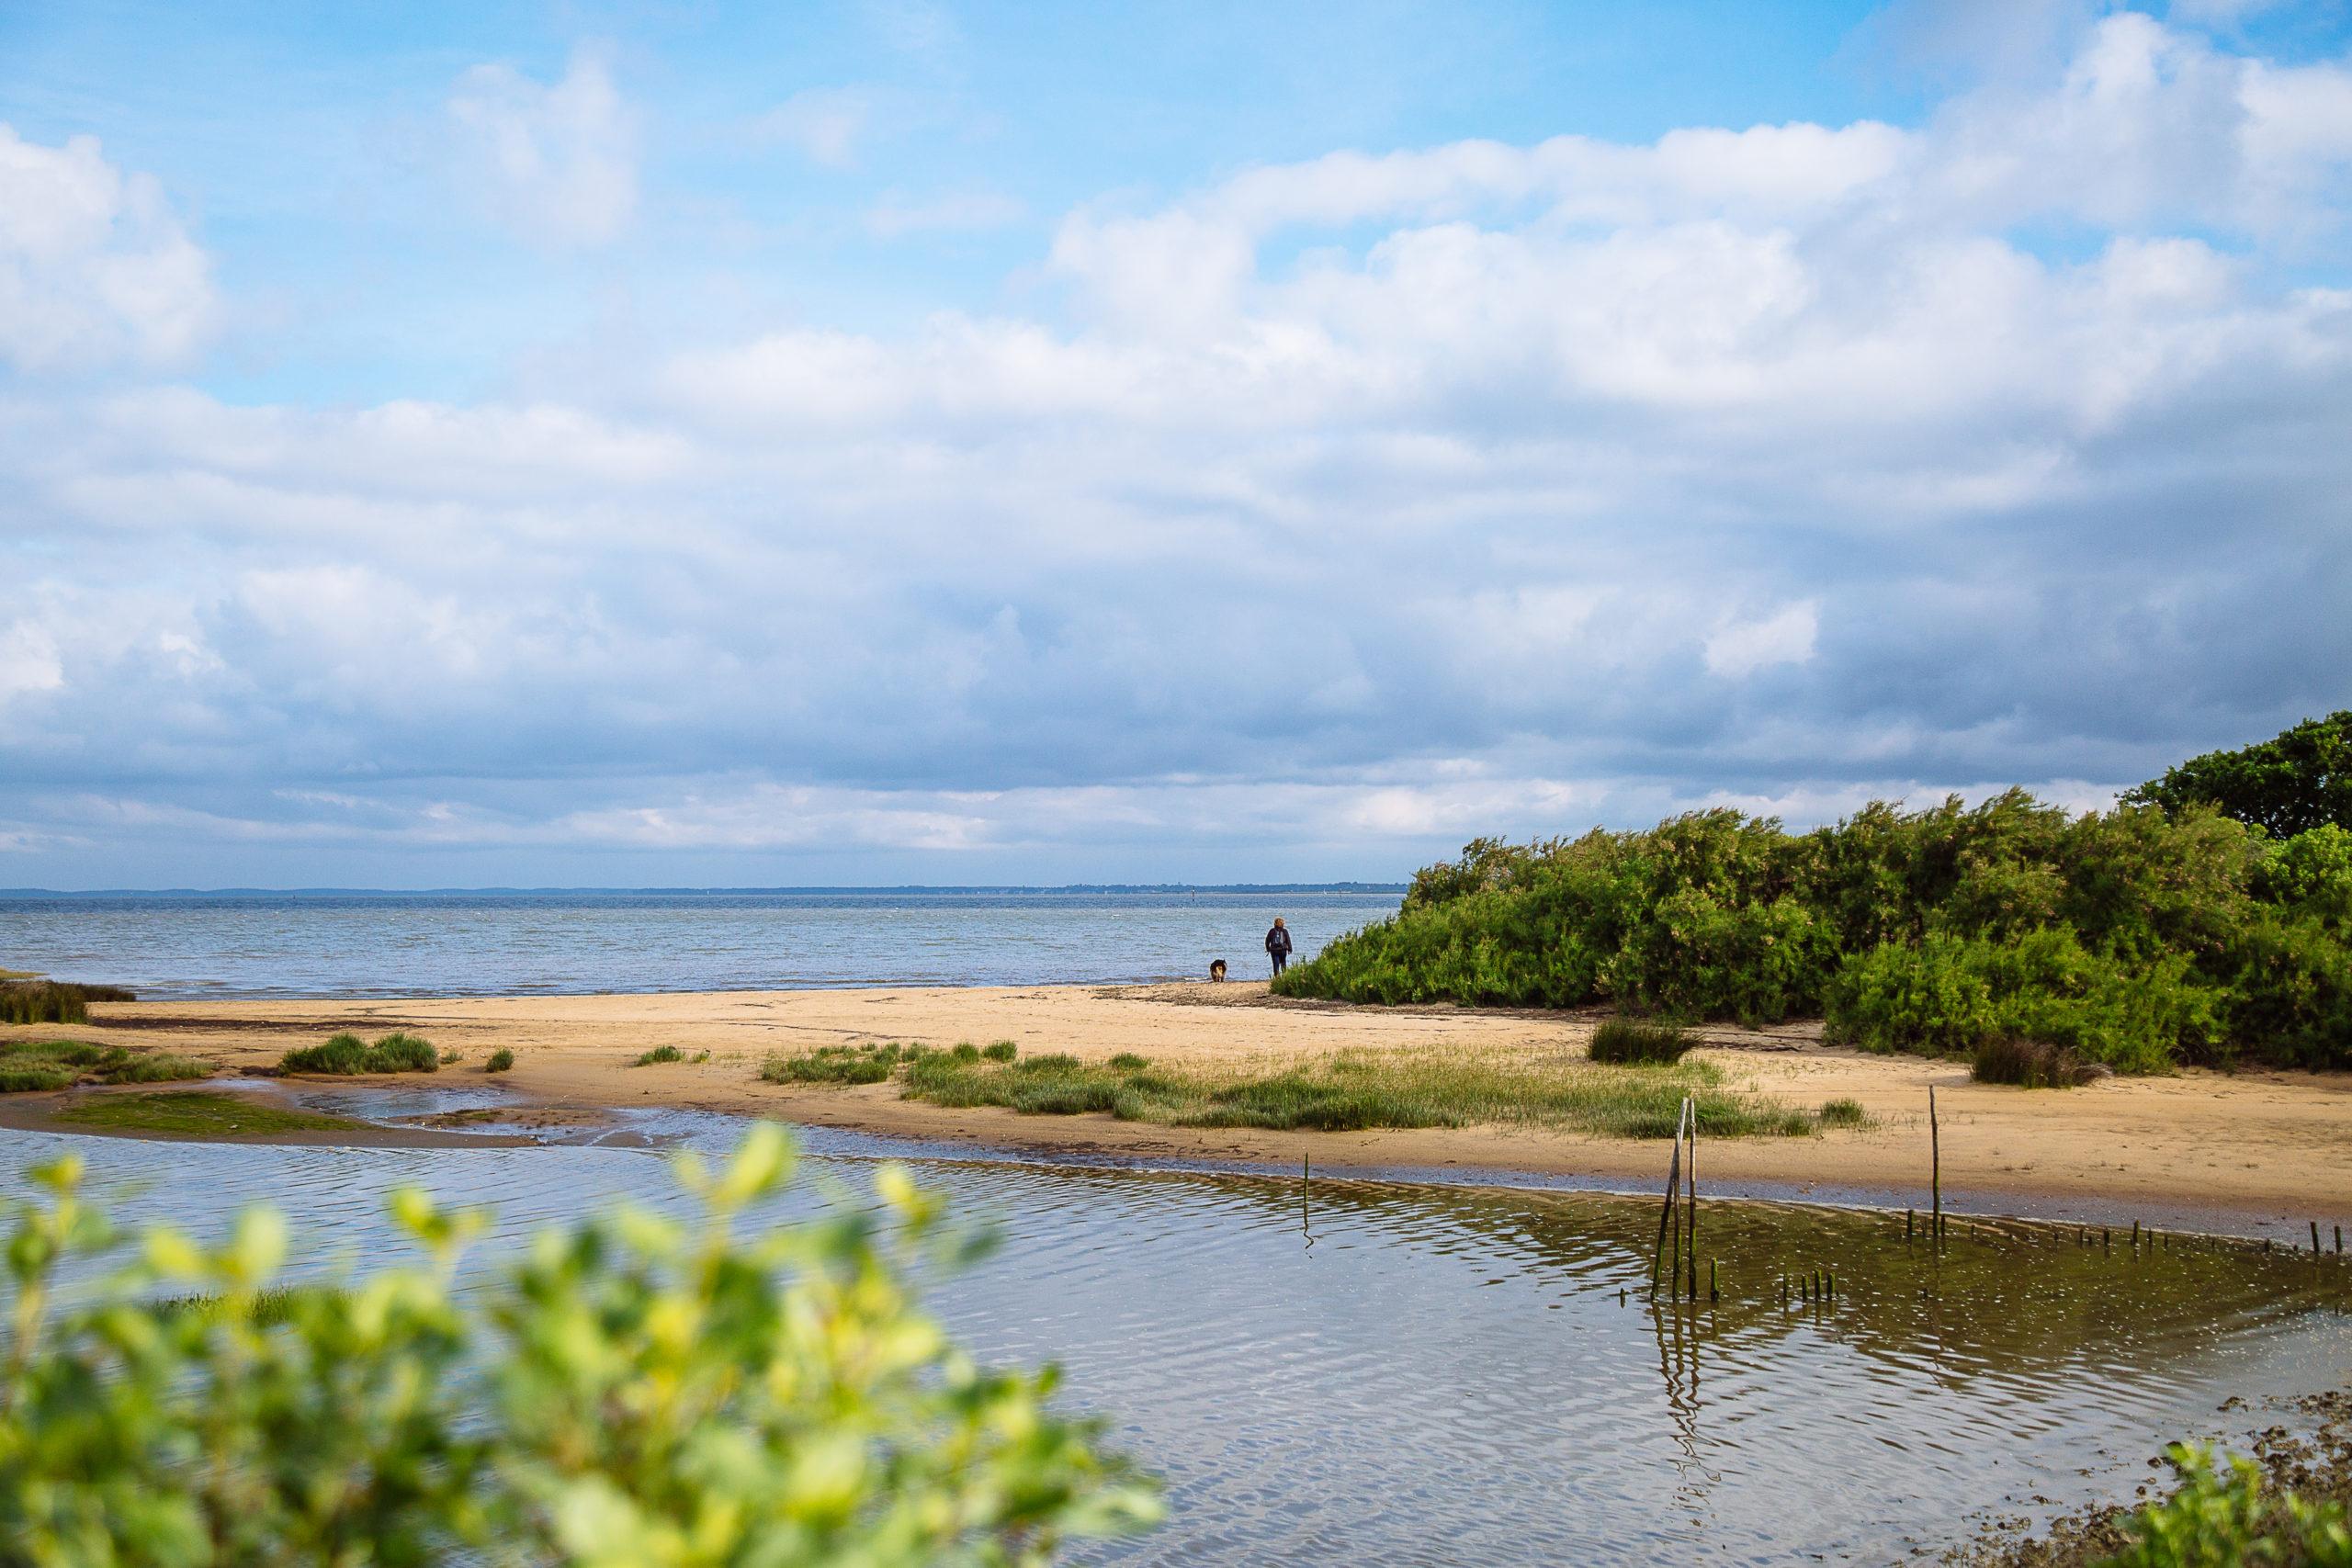 Les trésors de la pointe - Agenda Nature du Teich